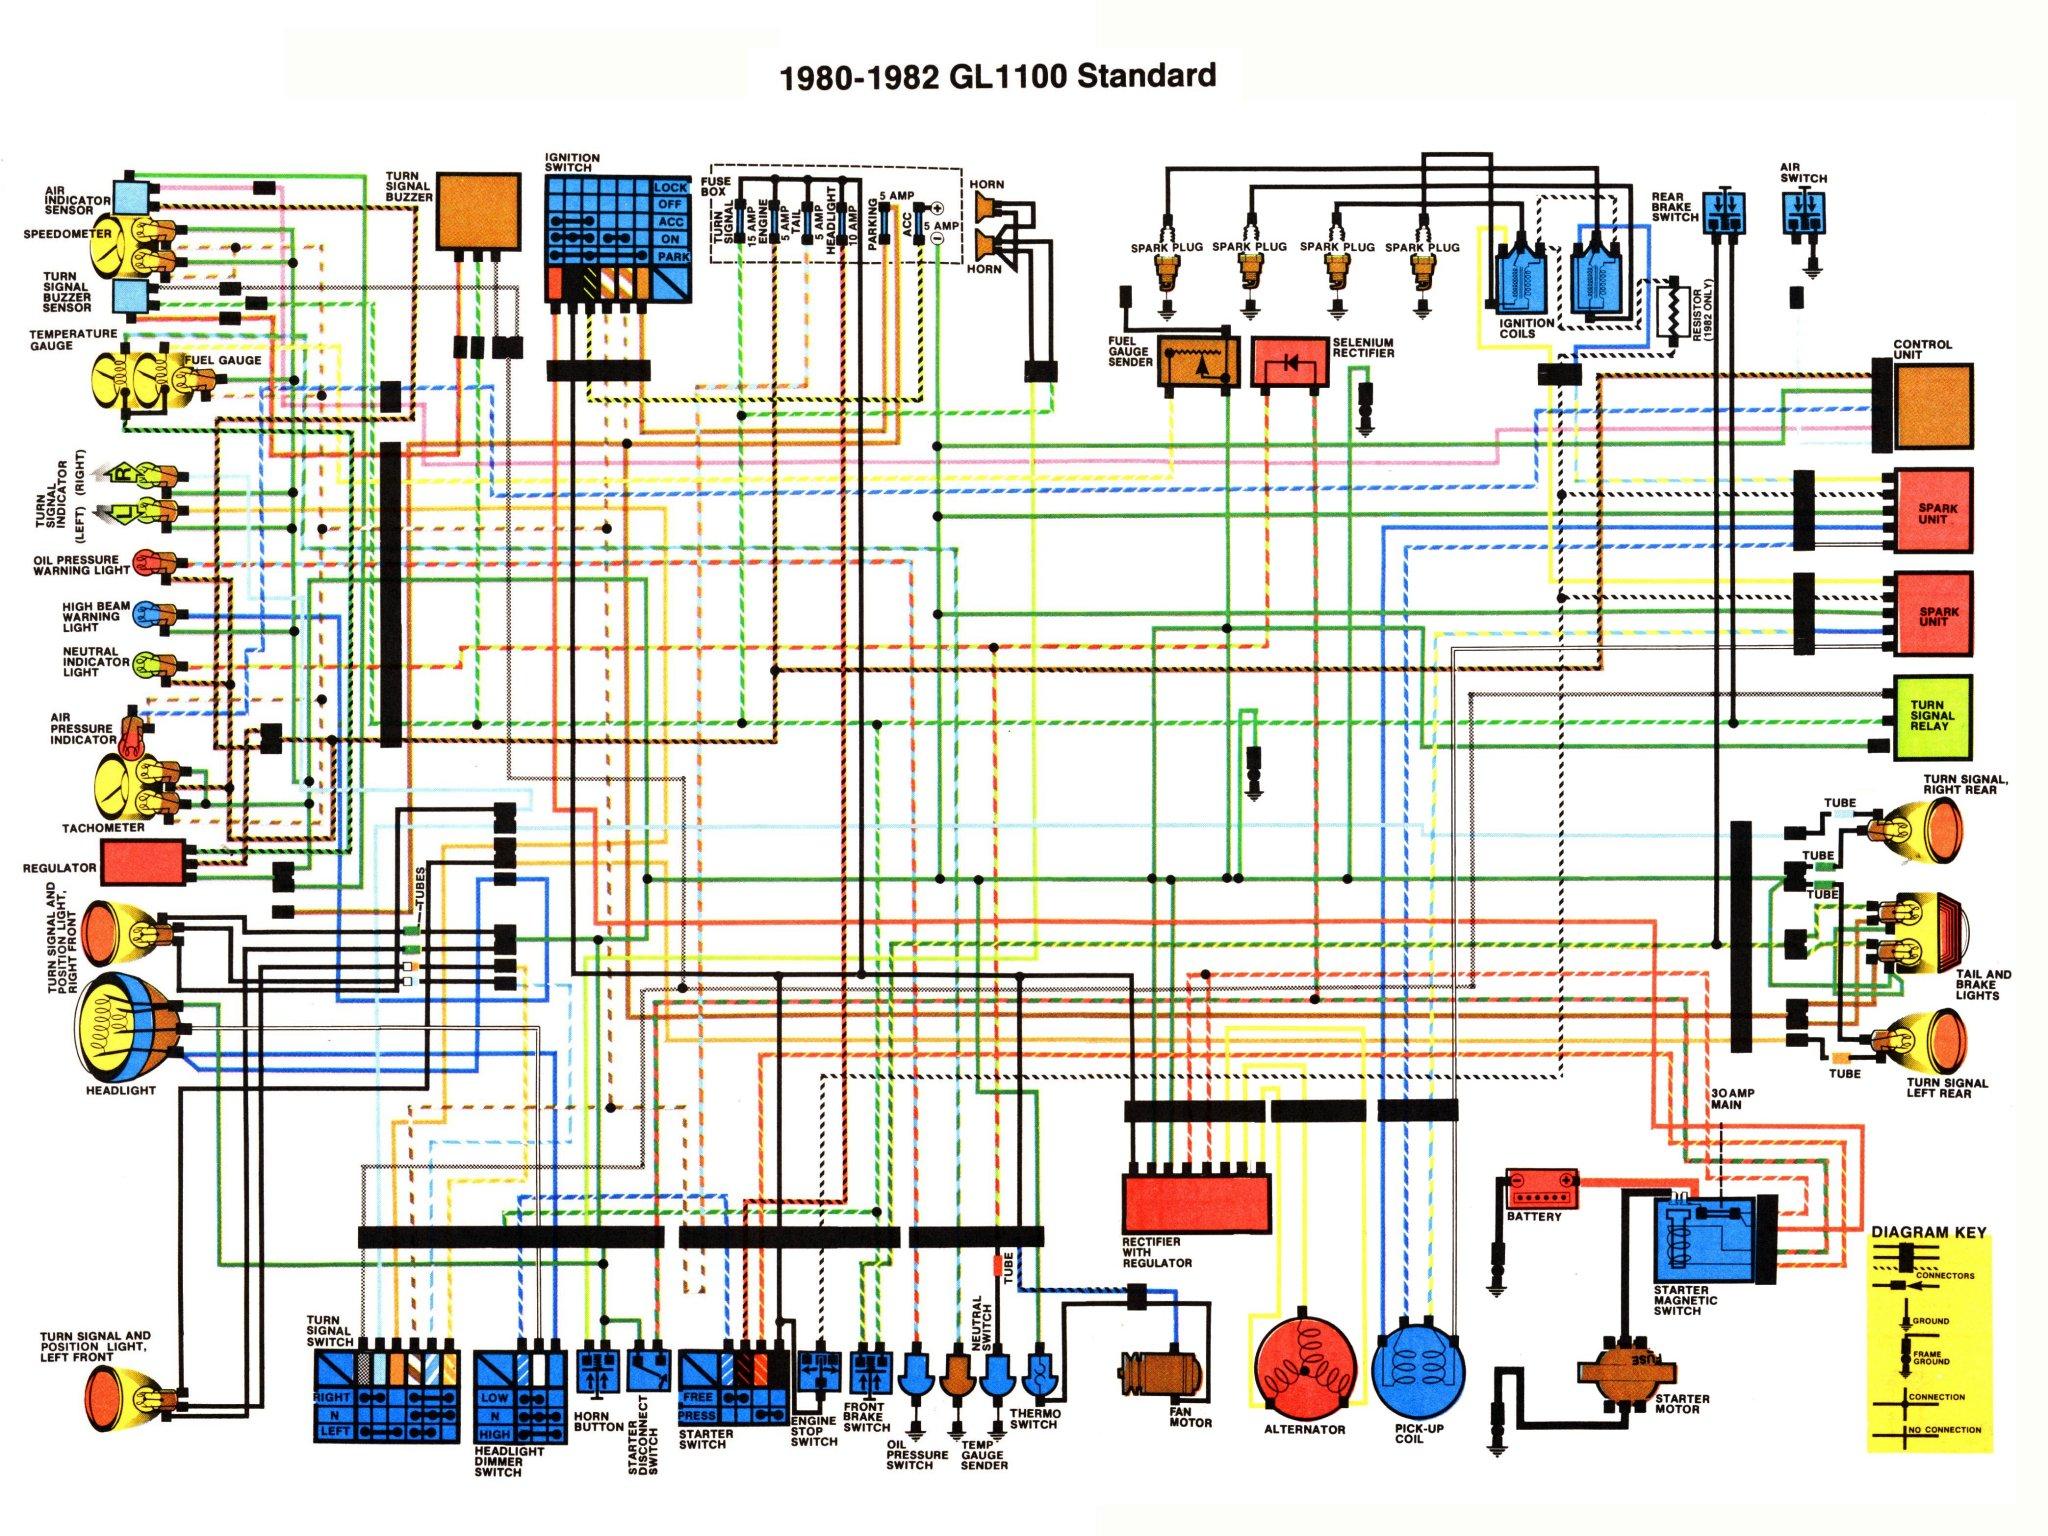 Tolle 82 Sportster Schaltplan Bilder - Elektrische Schaltplan-Ideen ...